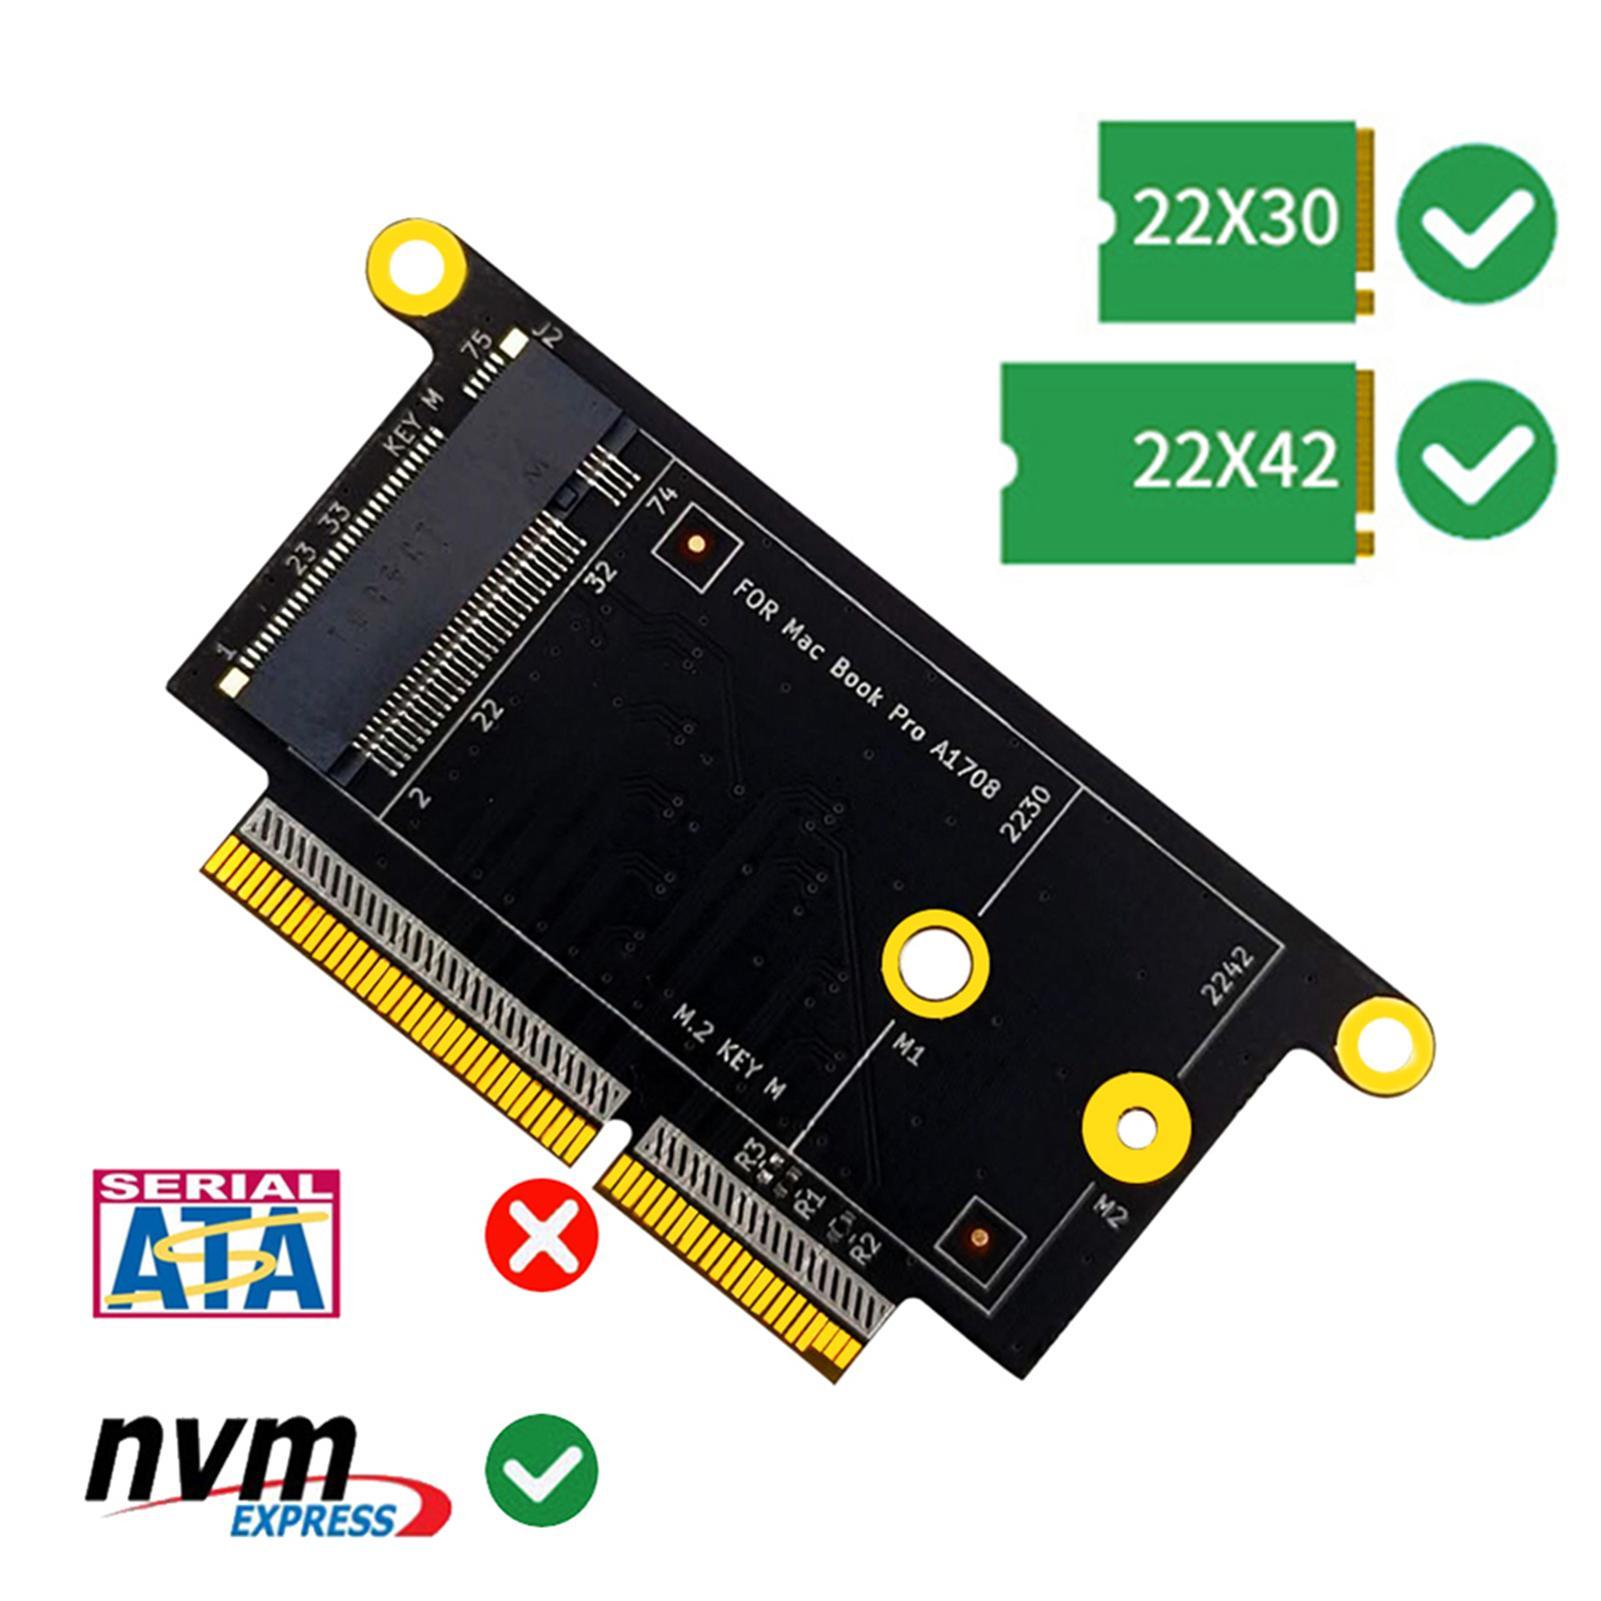 Bequem PCB M.2 NVMe SSD Solid State Disk Adapter Konverter Karte für A1708